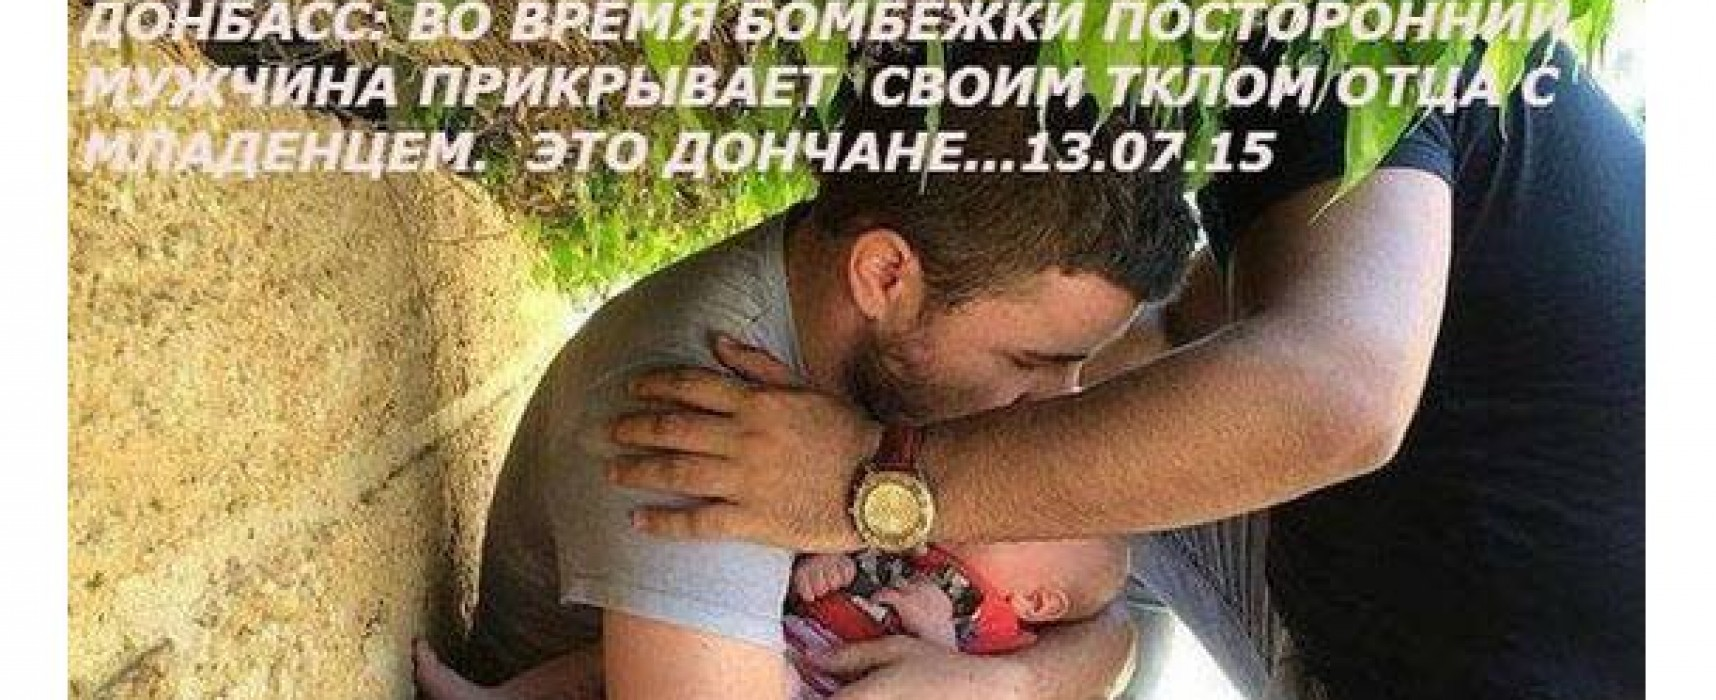 Фотофейк: обстрел в Израиле представили как события в Донецке